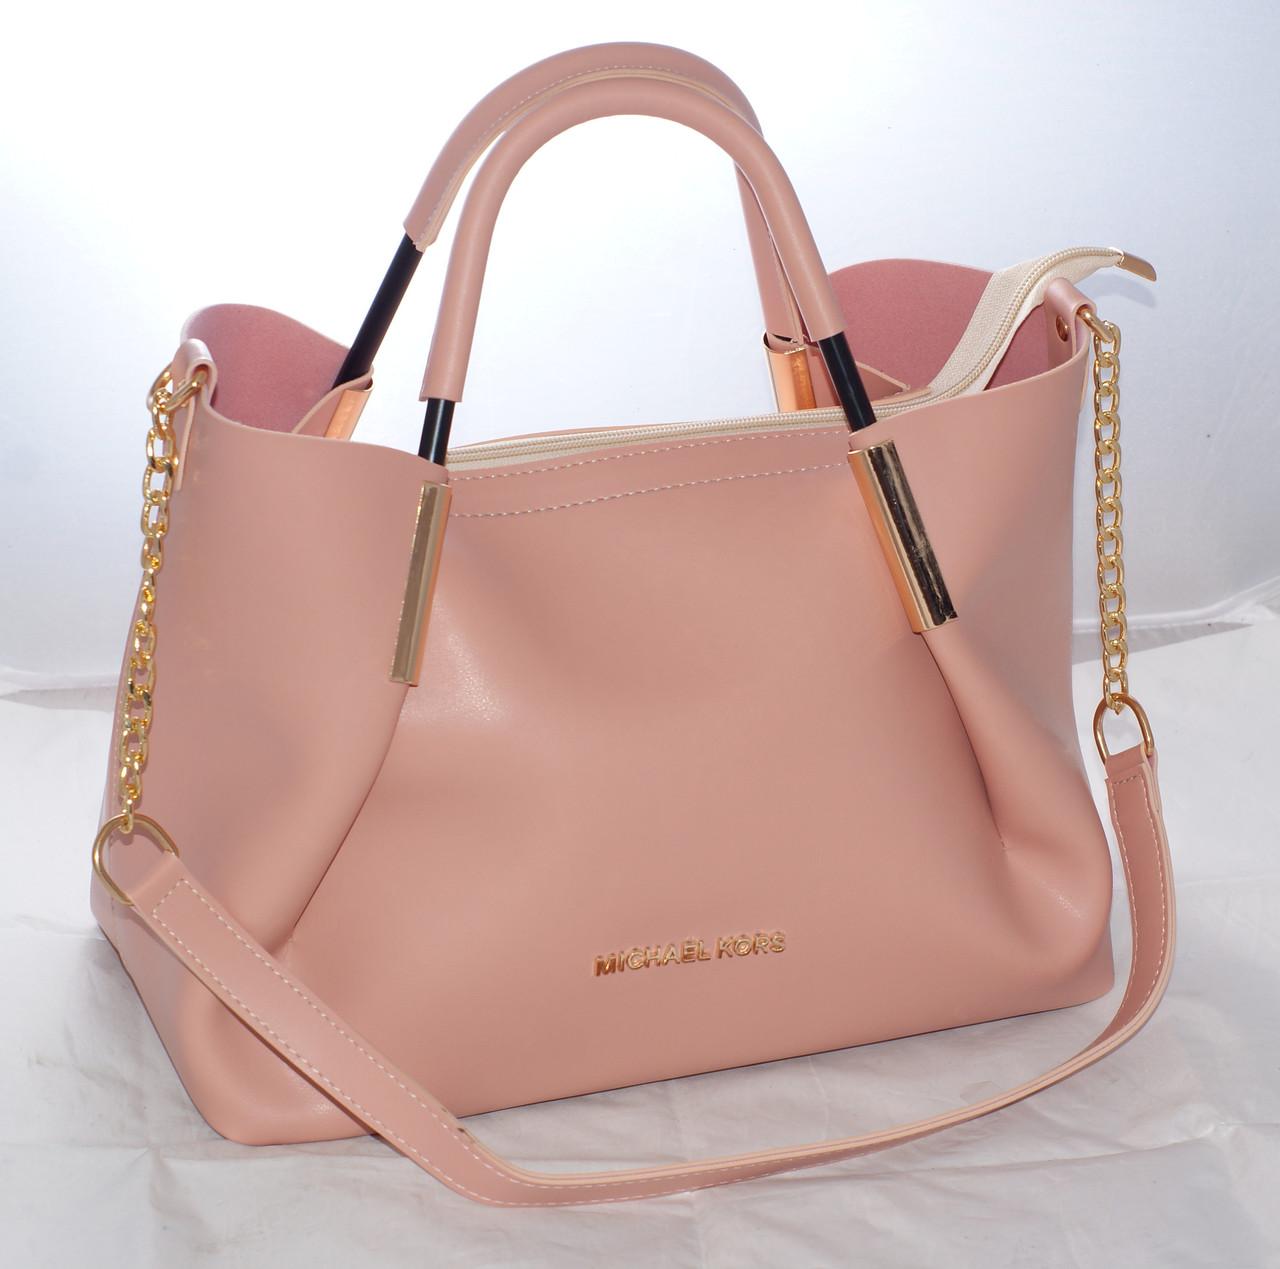 6be18dfbef35 Женская сумка Michael Kors (Майкл Корс) с отстёгивающейся косметичкой,  розовая